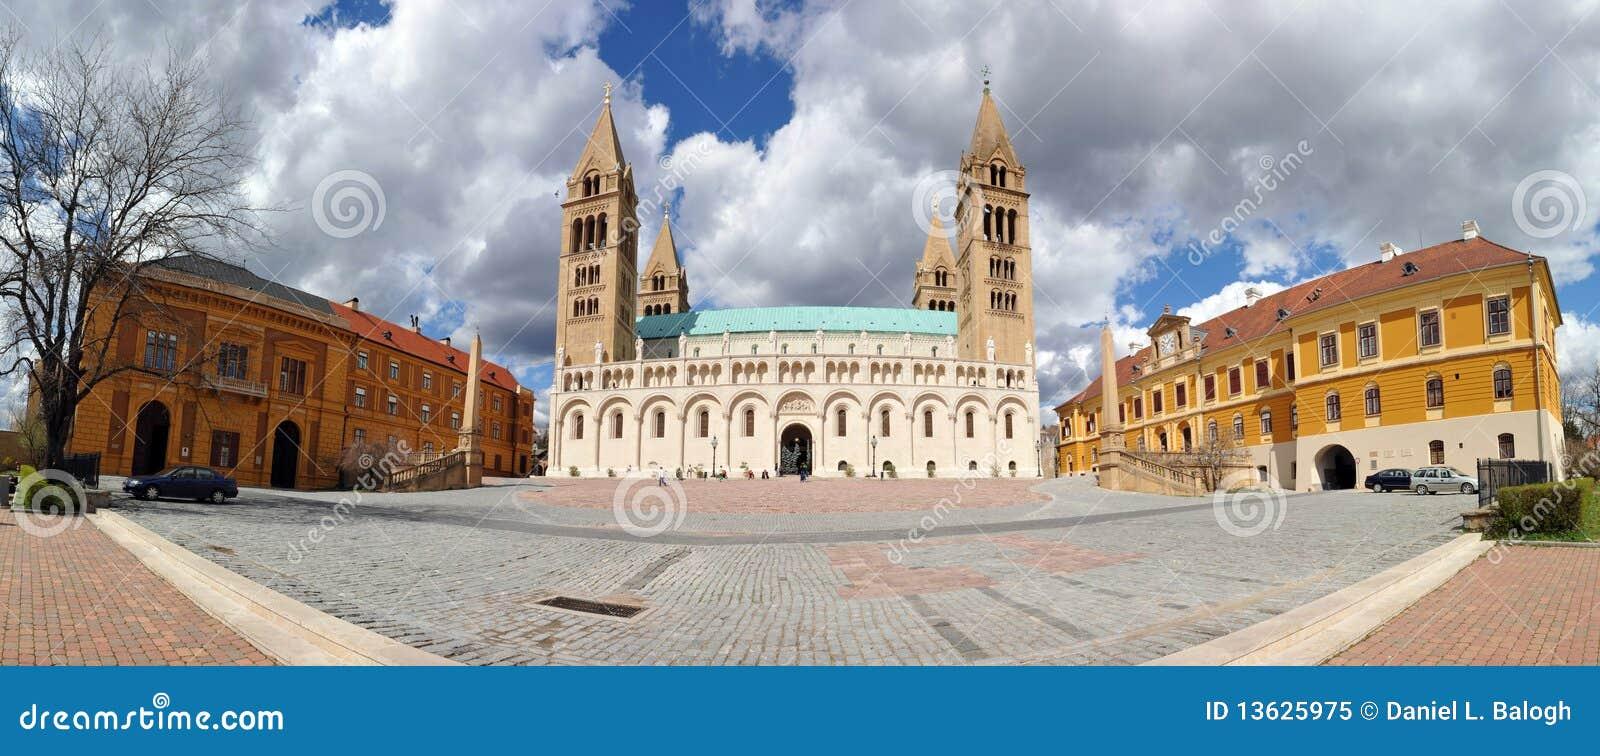 Basilica of Pecs, Capital of European Culture 2010